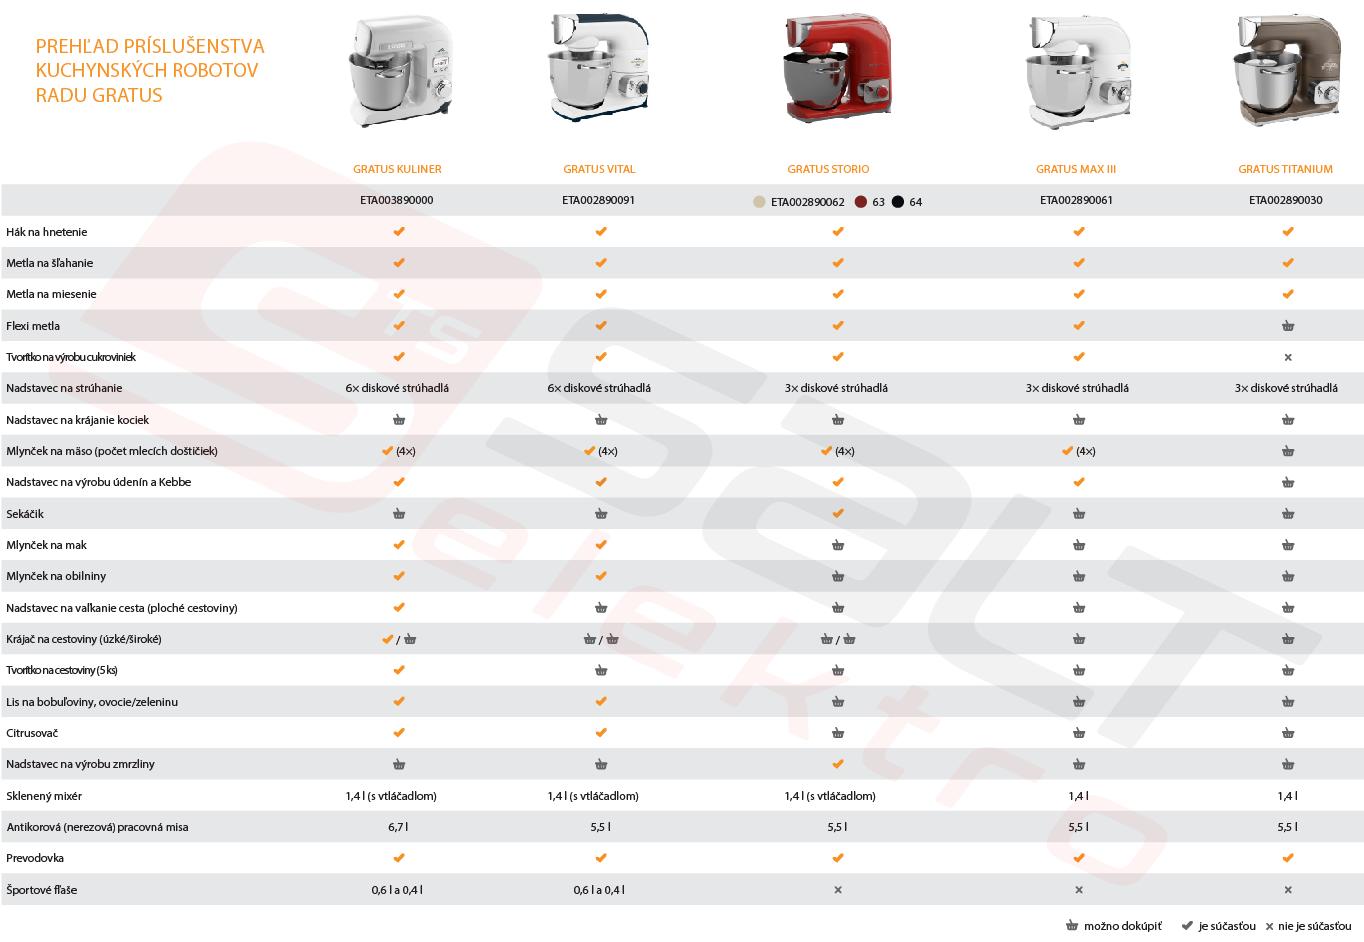 ETA roboty porovnanie príslušenstva